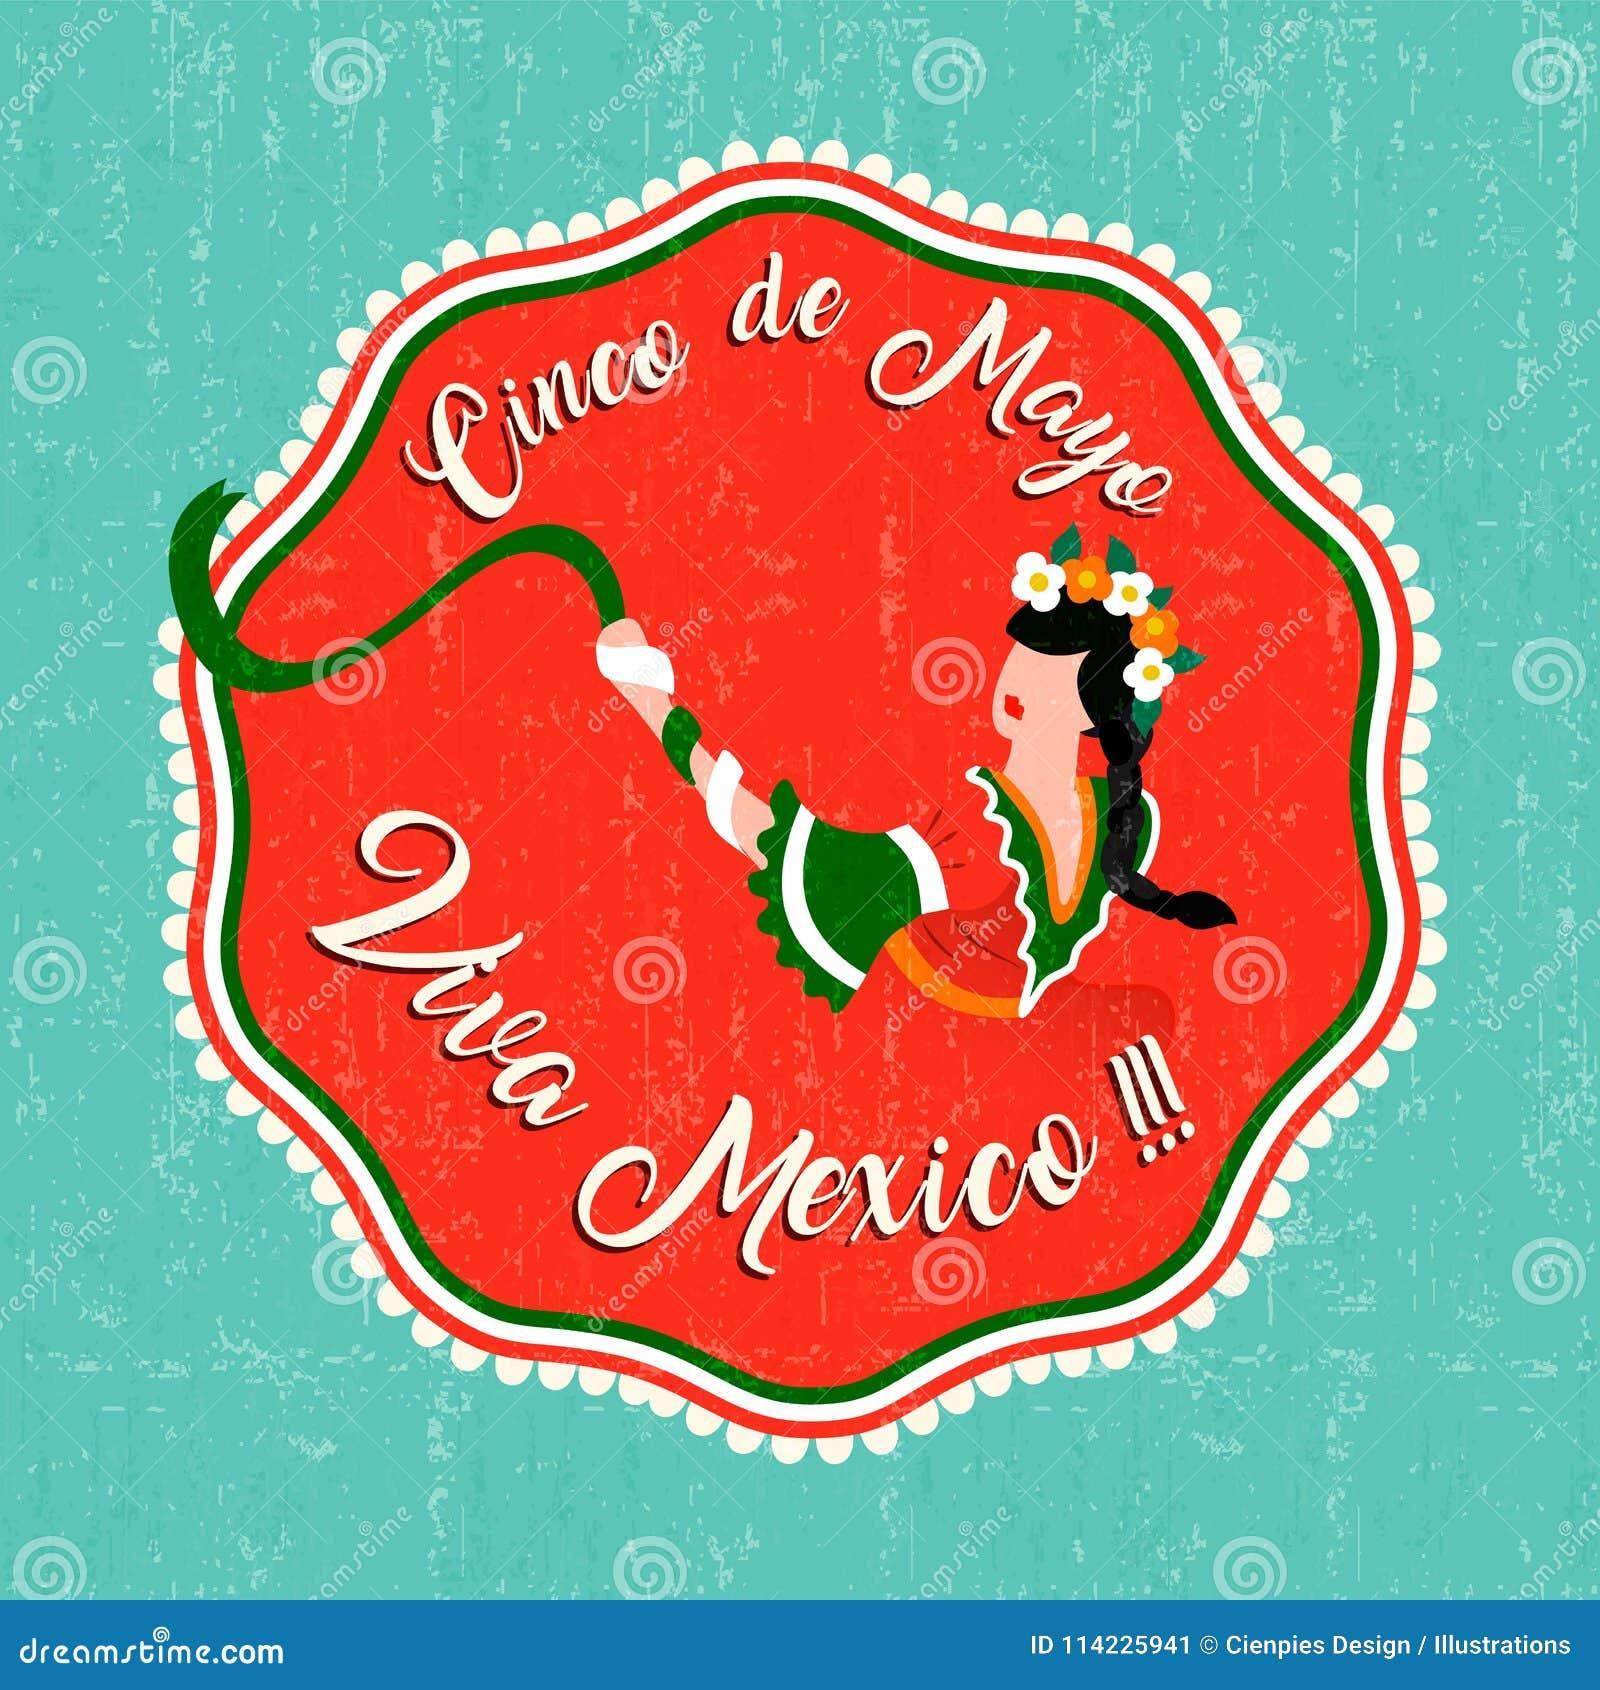 Happy Cinco De Mayo Party Card With Mexican Woman Stock Vector